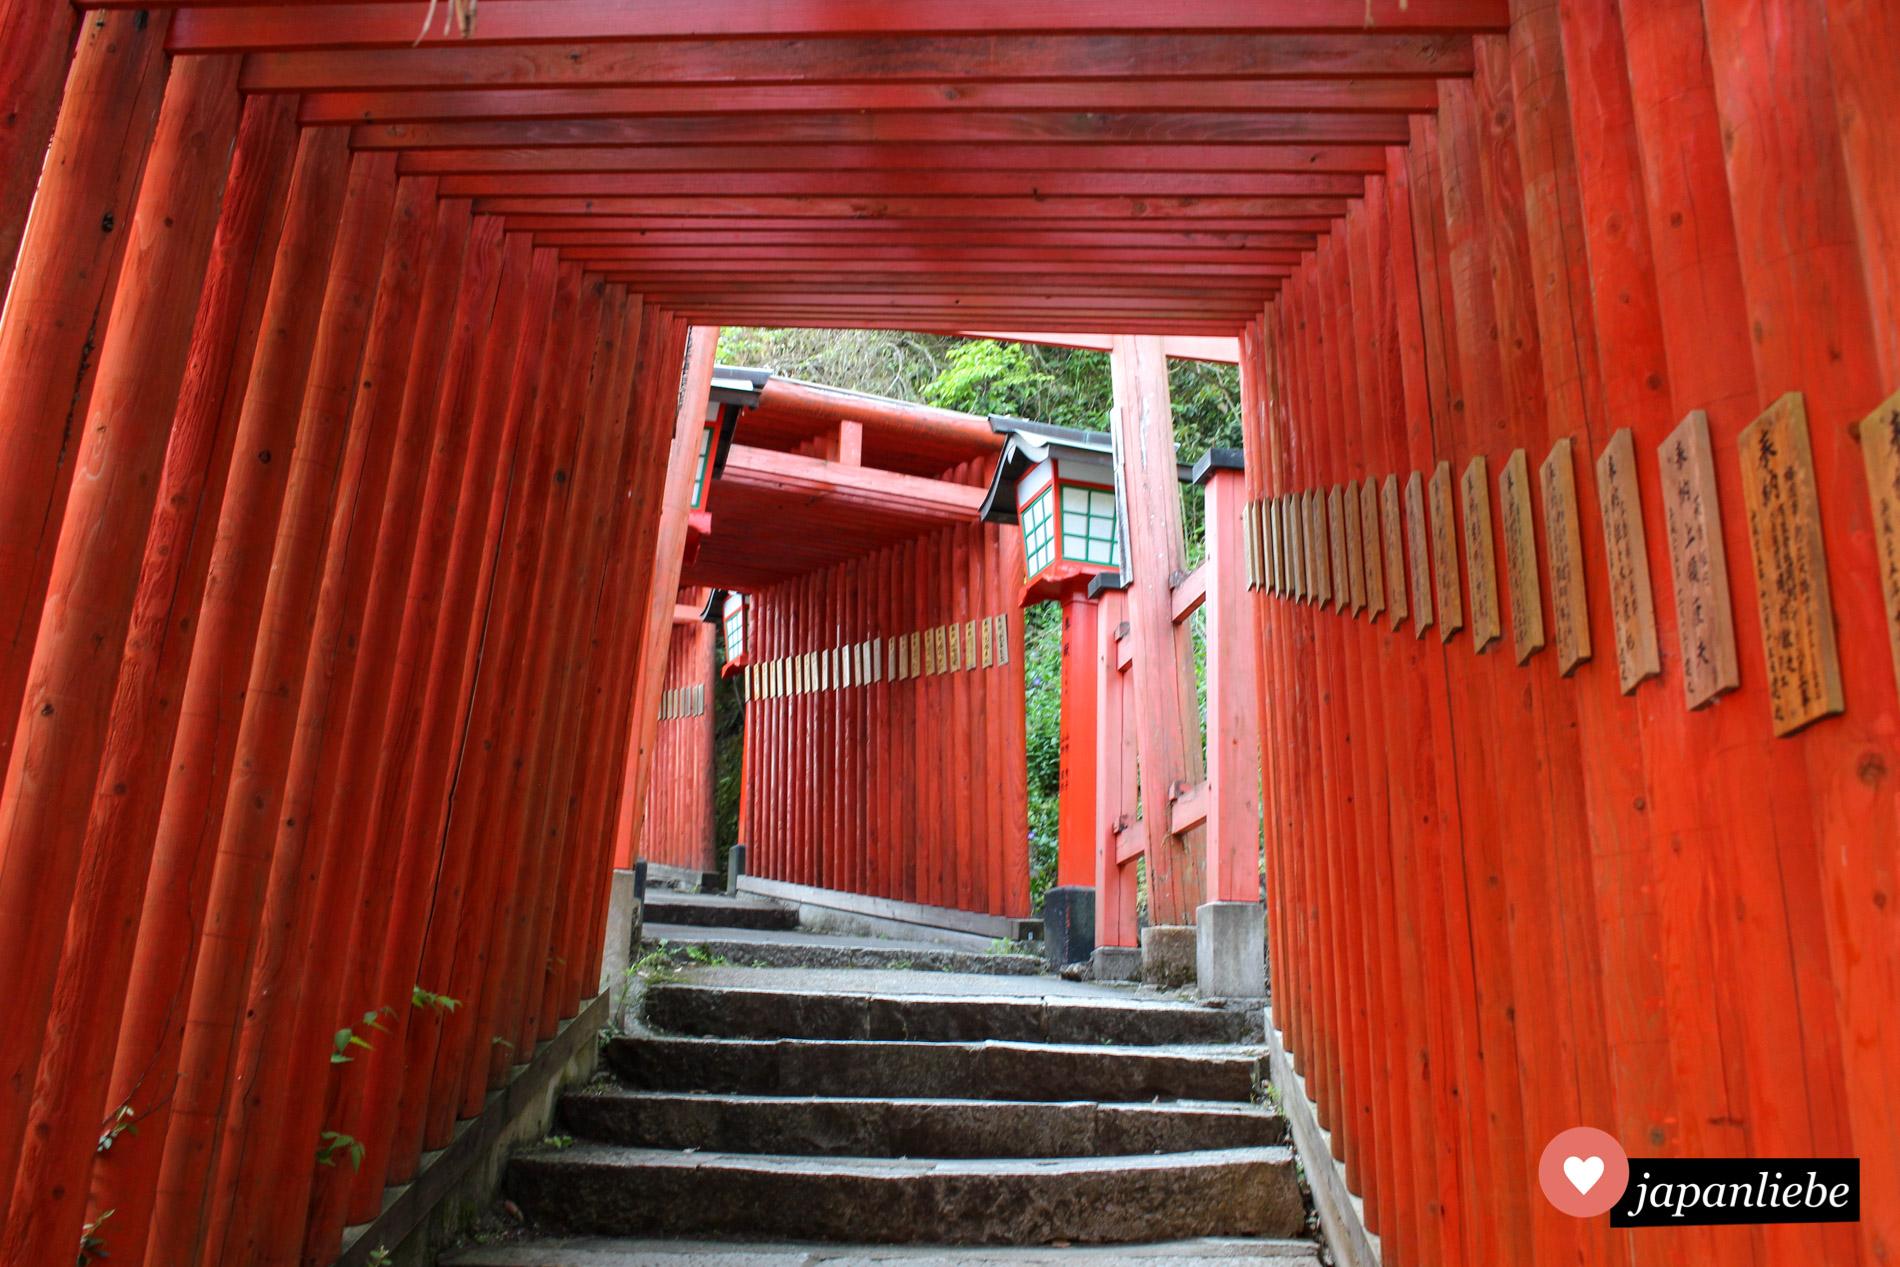 Unzählige schmale, tore Holztore säumen die Treppen hoch zum Taikodani Inari Schrein in Tsuwano.